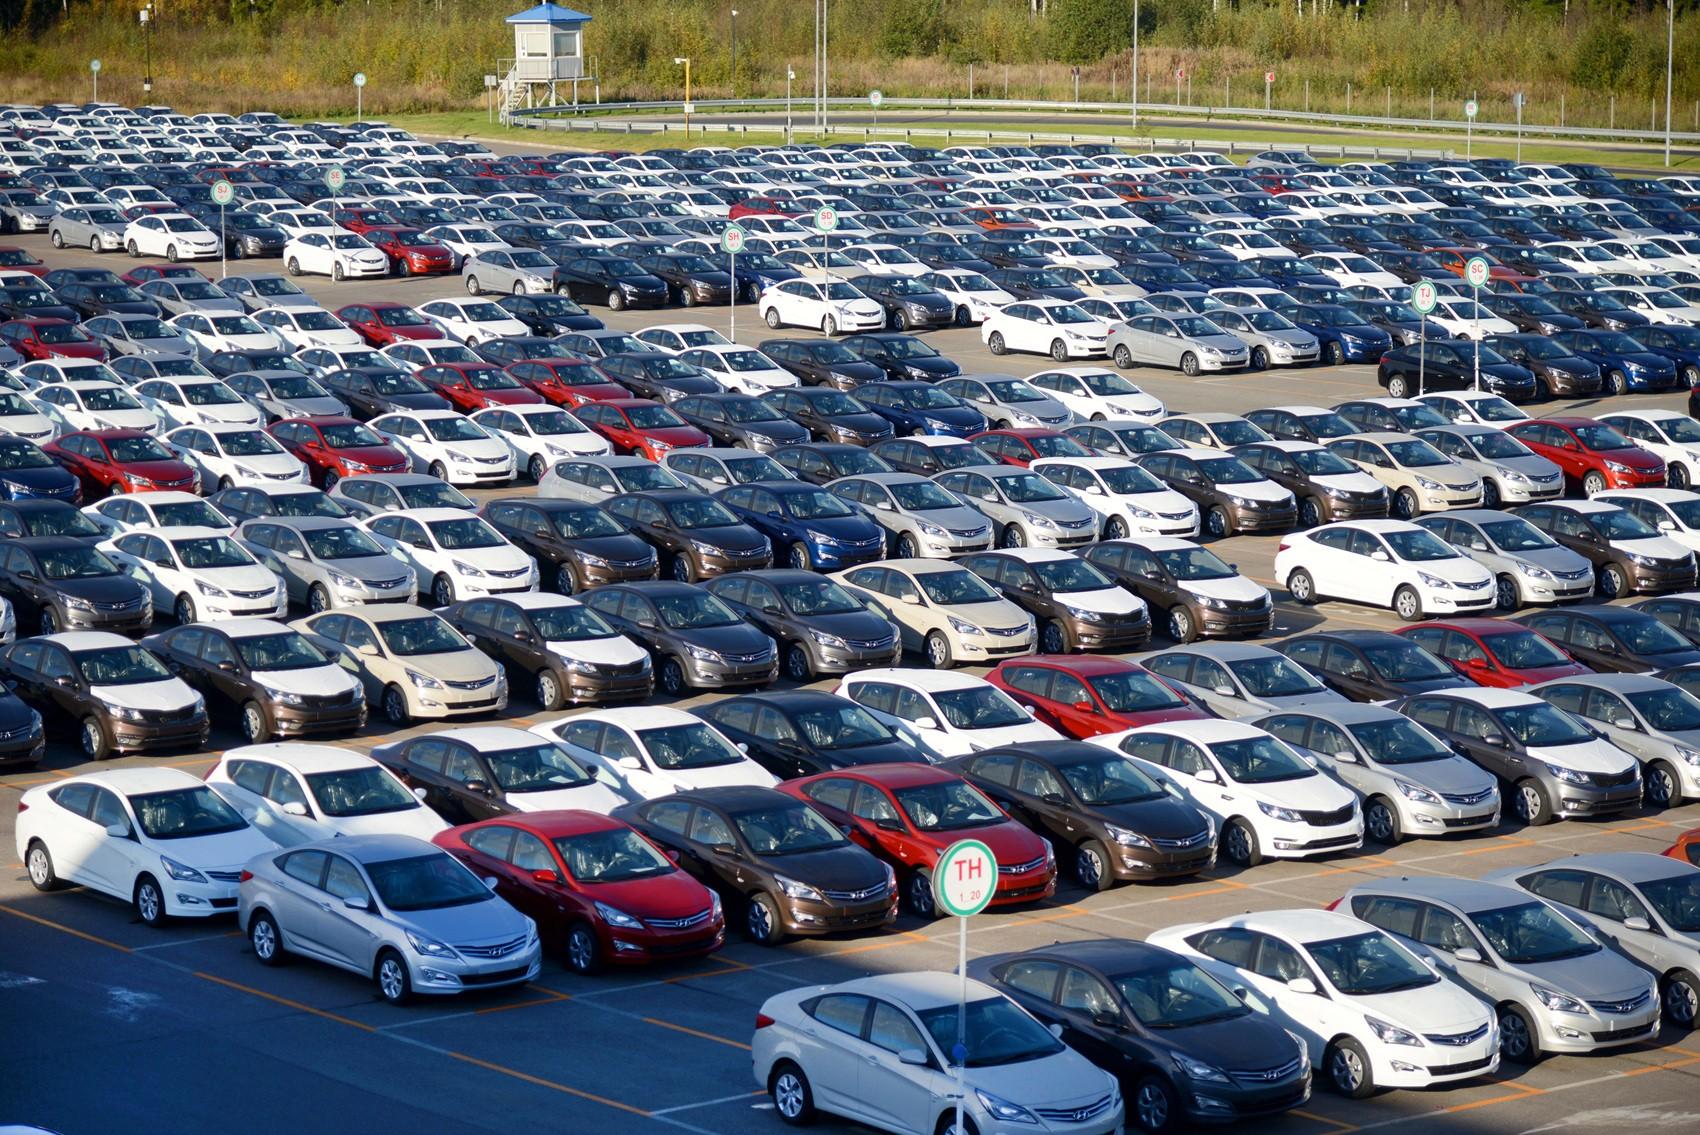 впечатление, б у калининград автомобили легковые фото проверить